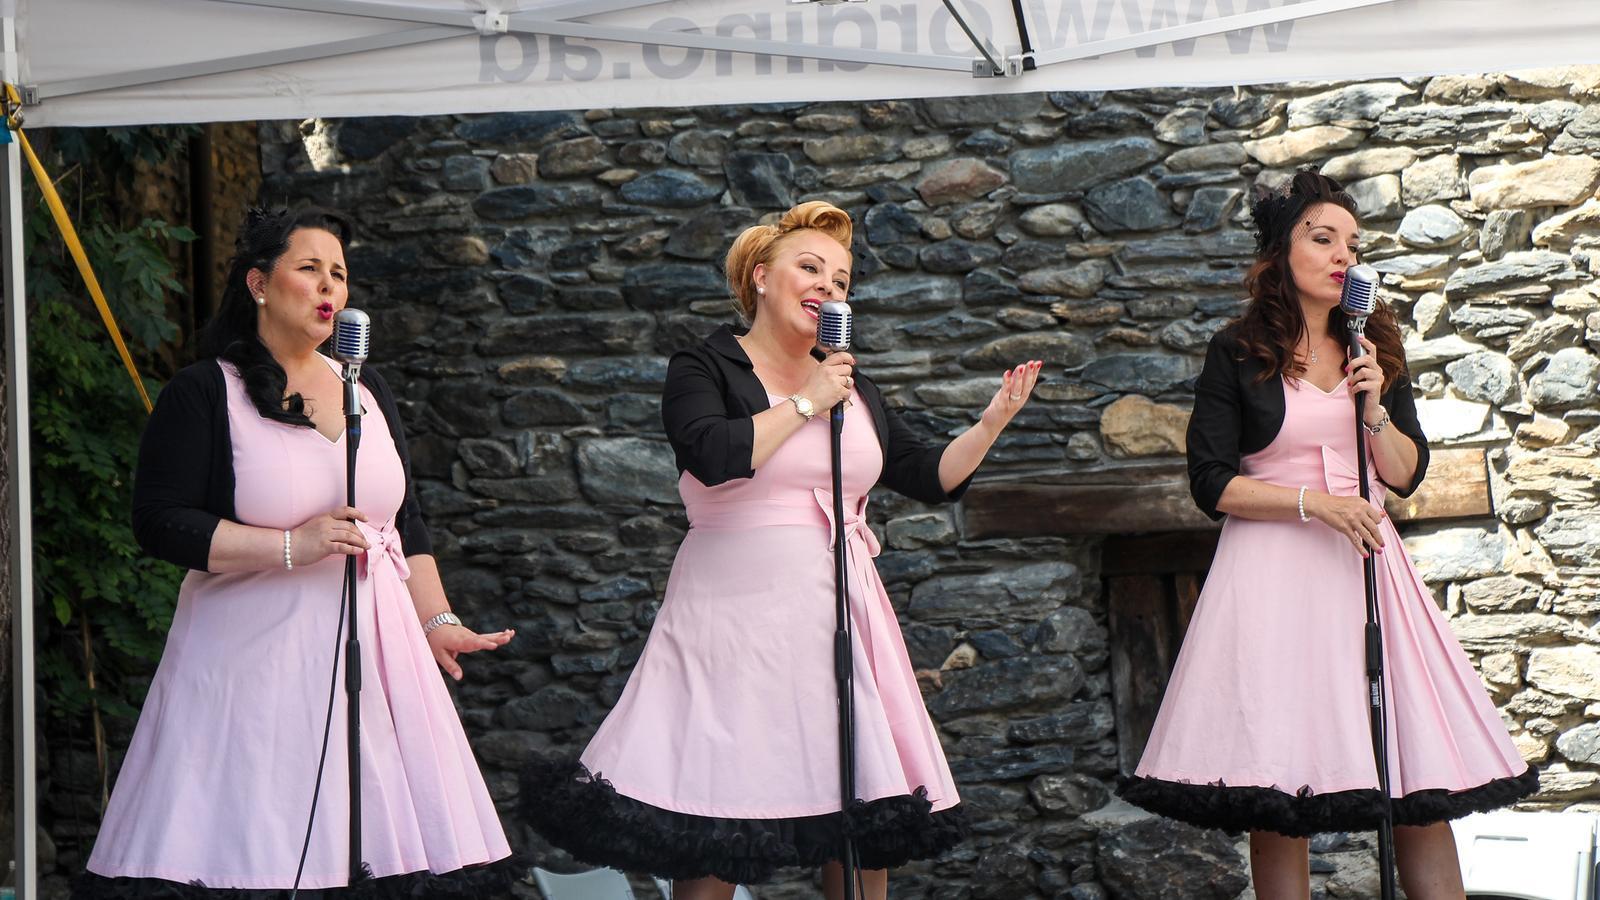 Fanny Pérez, Susanne Georgi i Mar Capdevila en l'actuació al mercat d'estiu d'Ordino. / P. R.